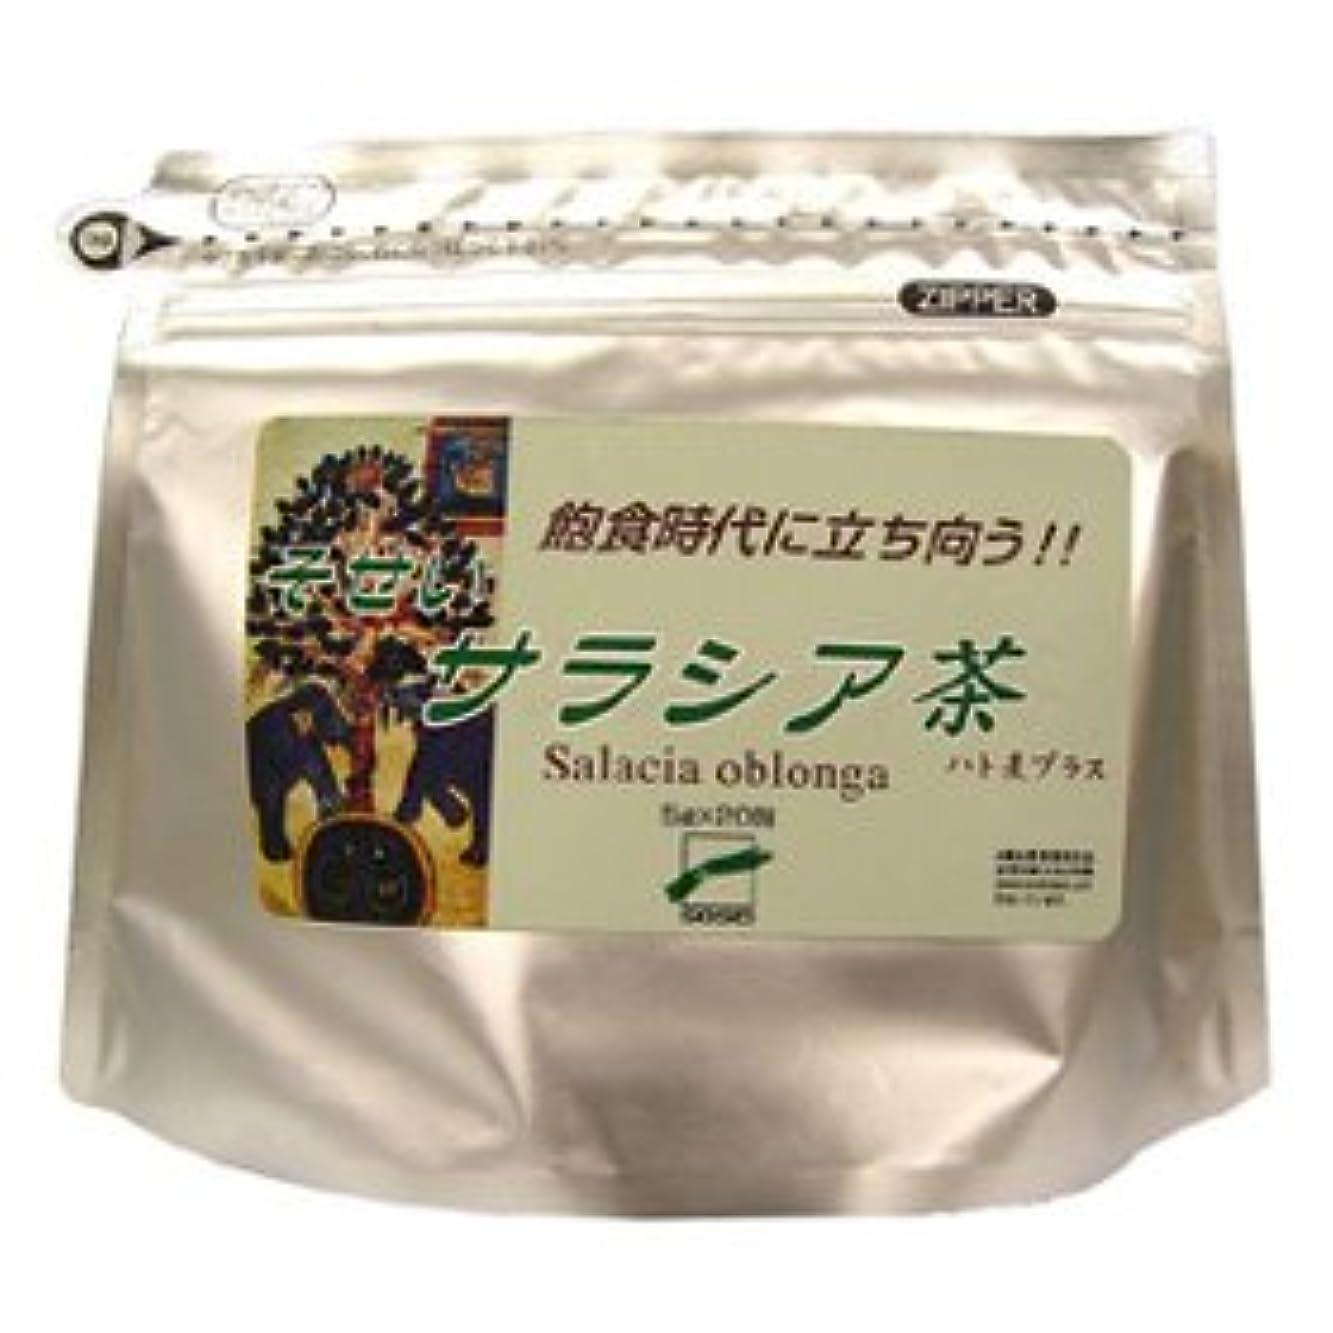 追い付くモロニック使い込むそせい サラシア茶 1袋